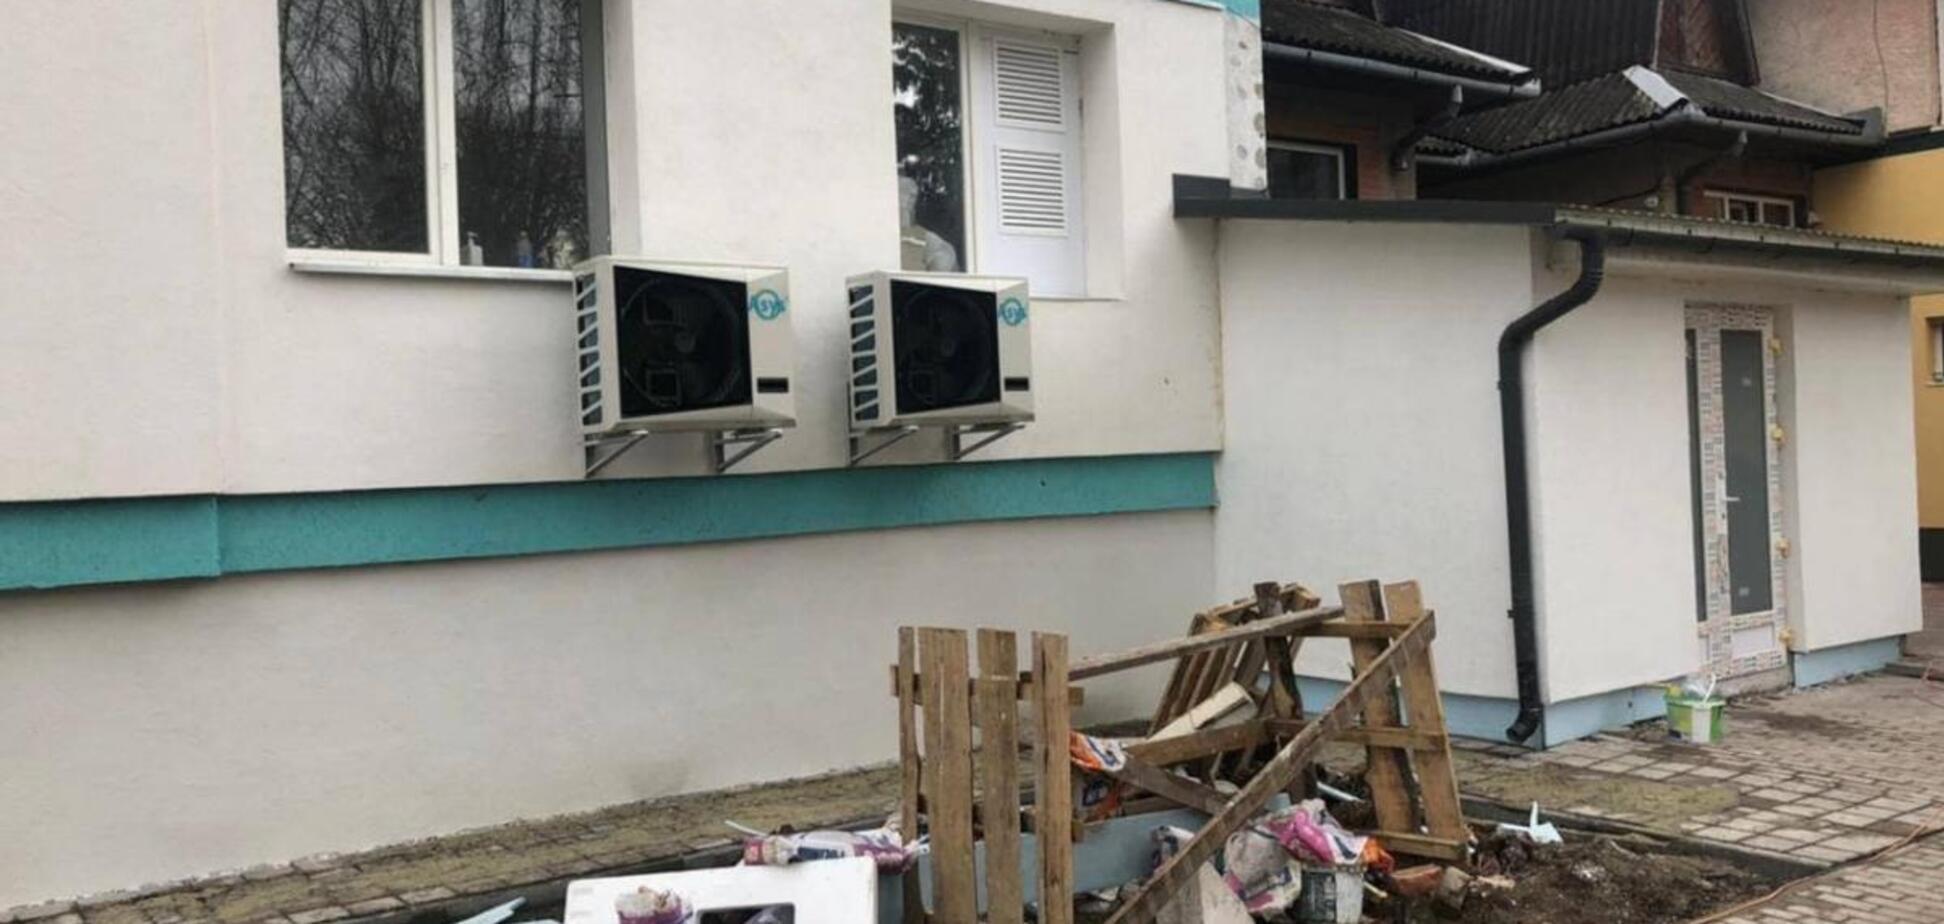 На Закарпатье вручили подозрения по делу о хищении денег для больниц: СМИ раскрыли фамилию топ-чиновника